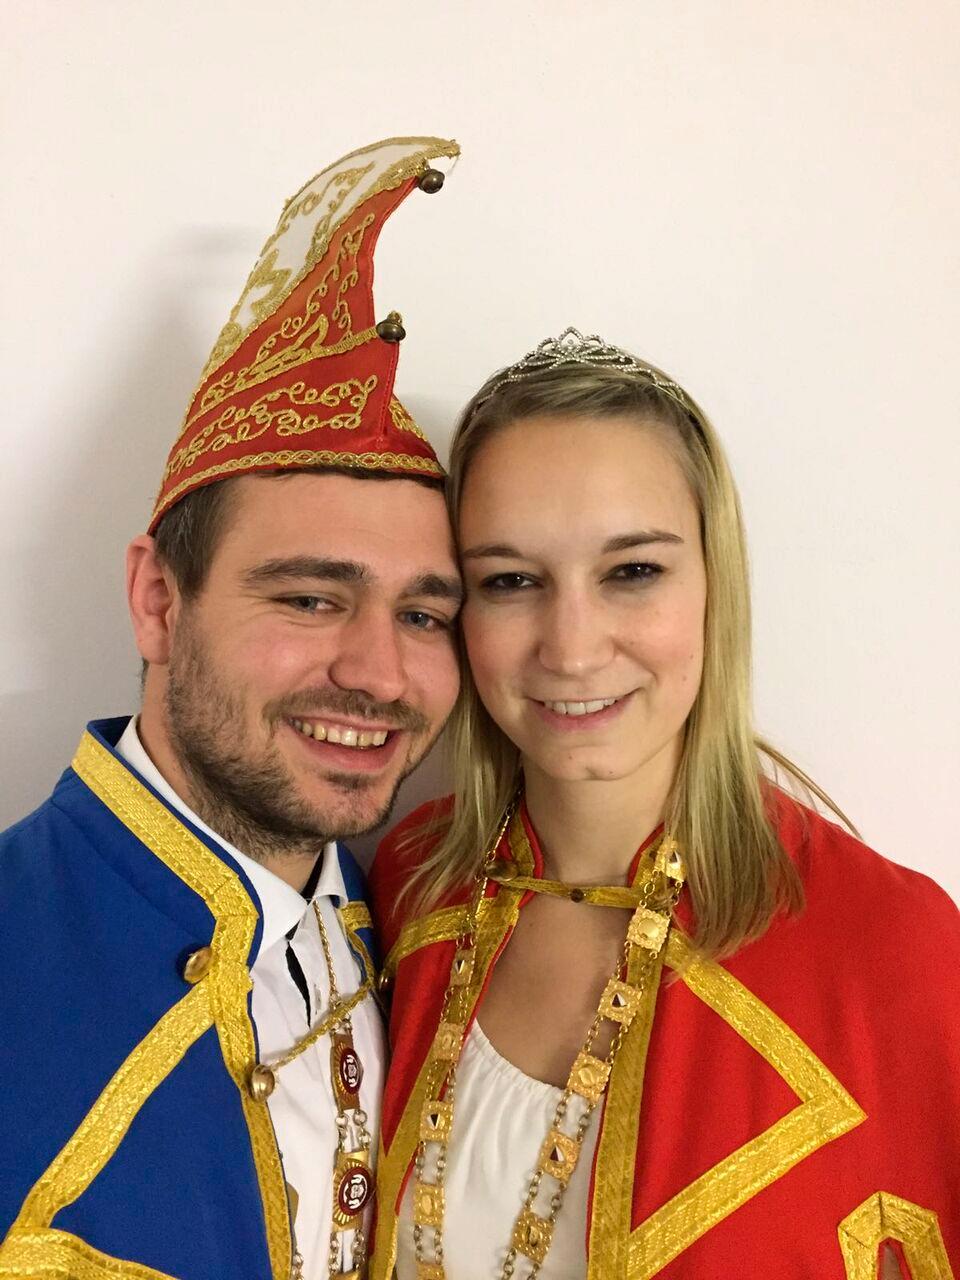 Prinzen Yanneck und seiner Fristlady Rieke